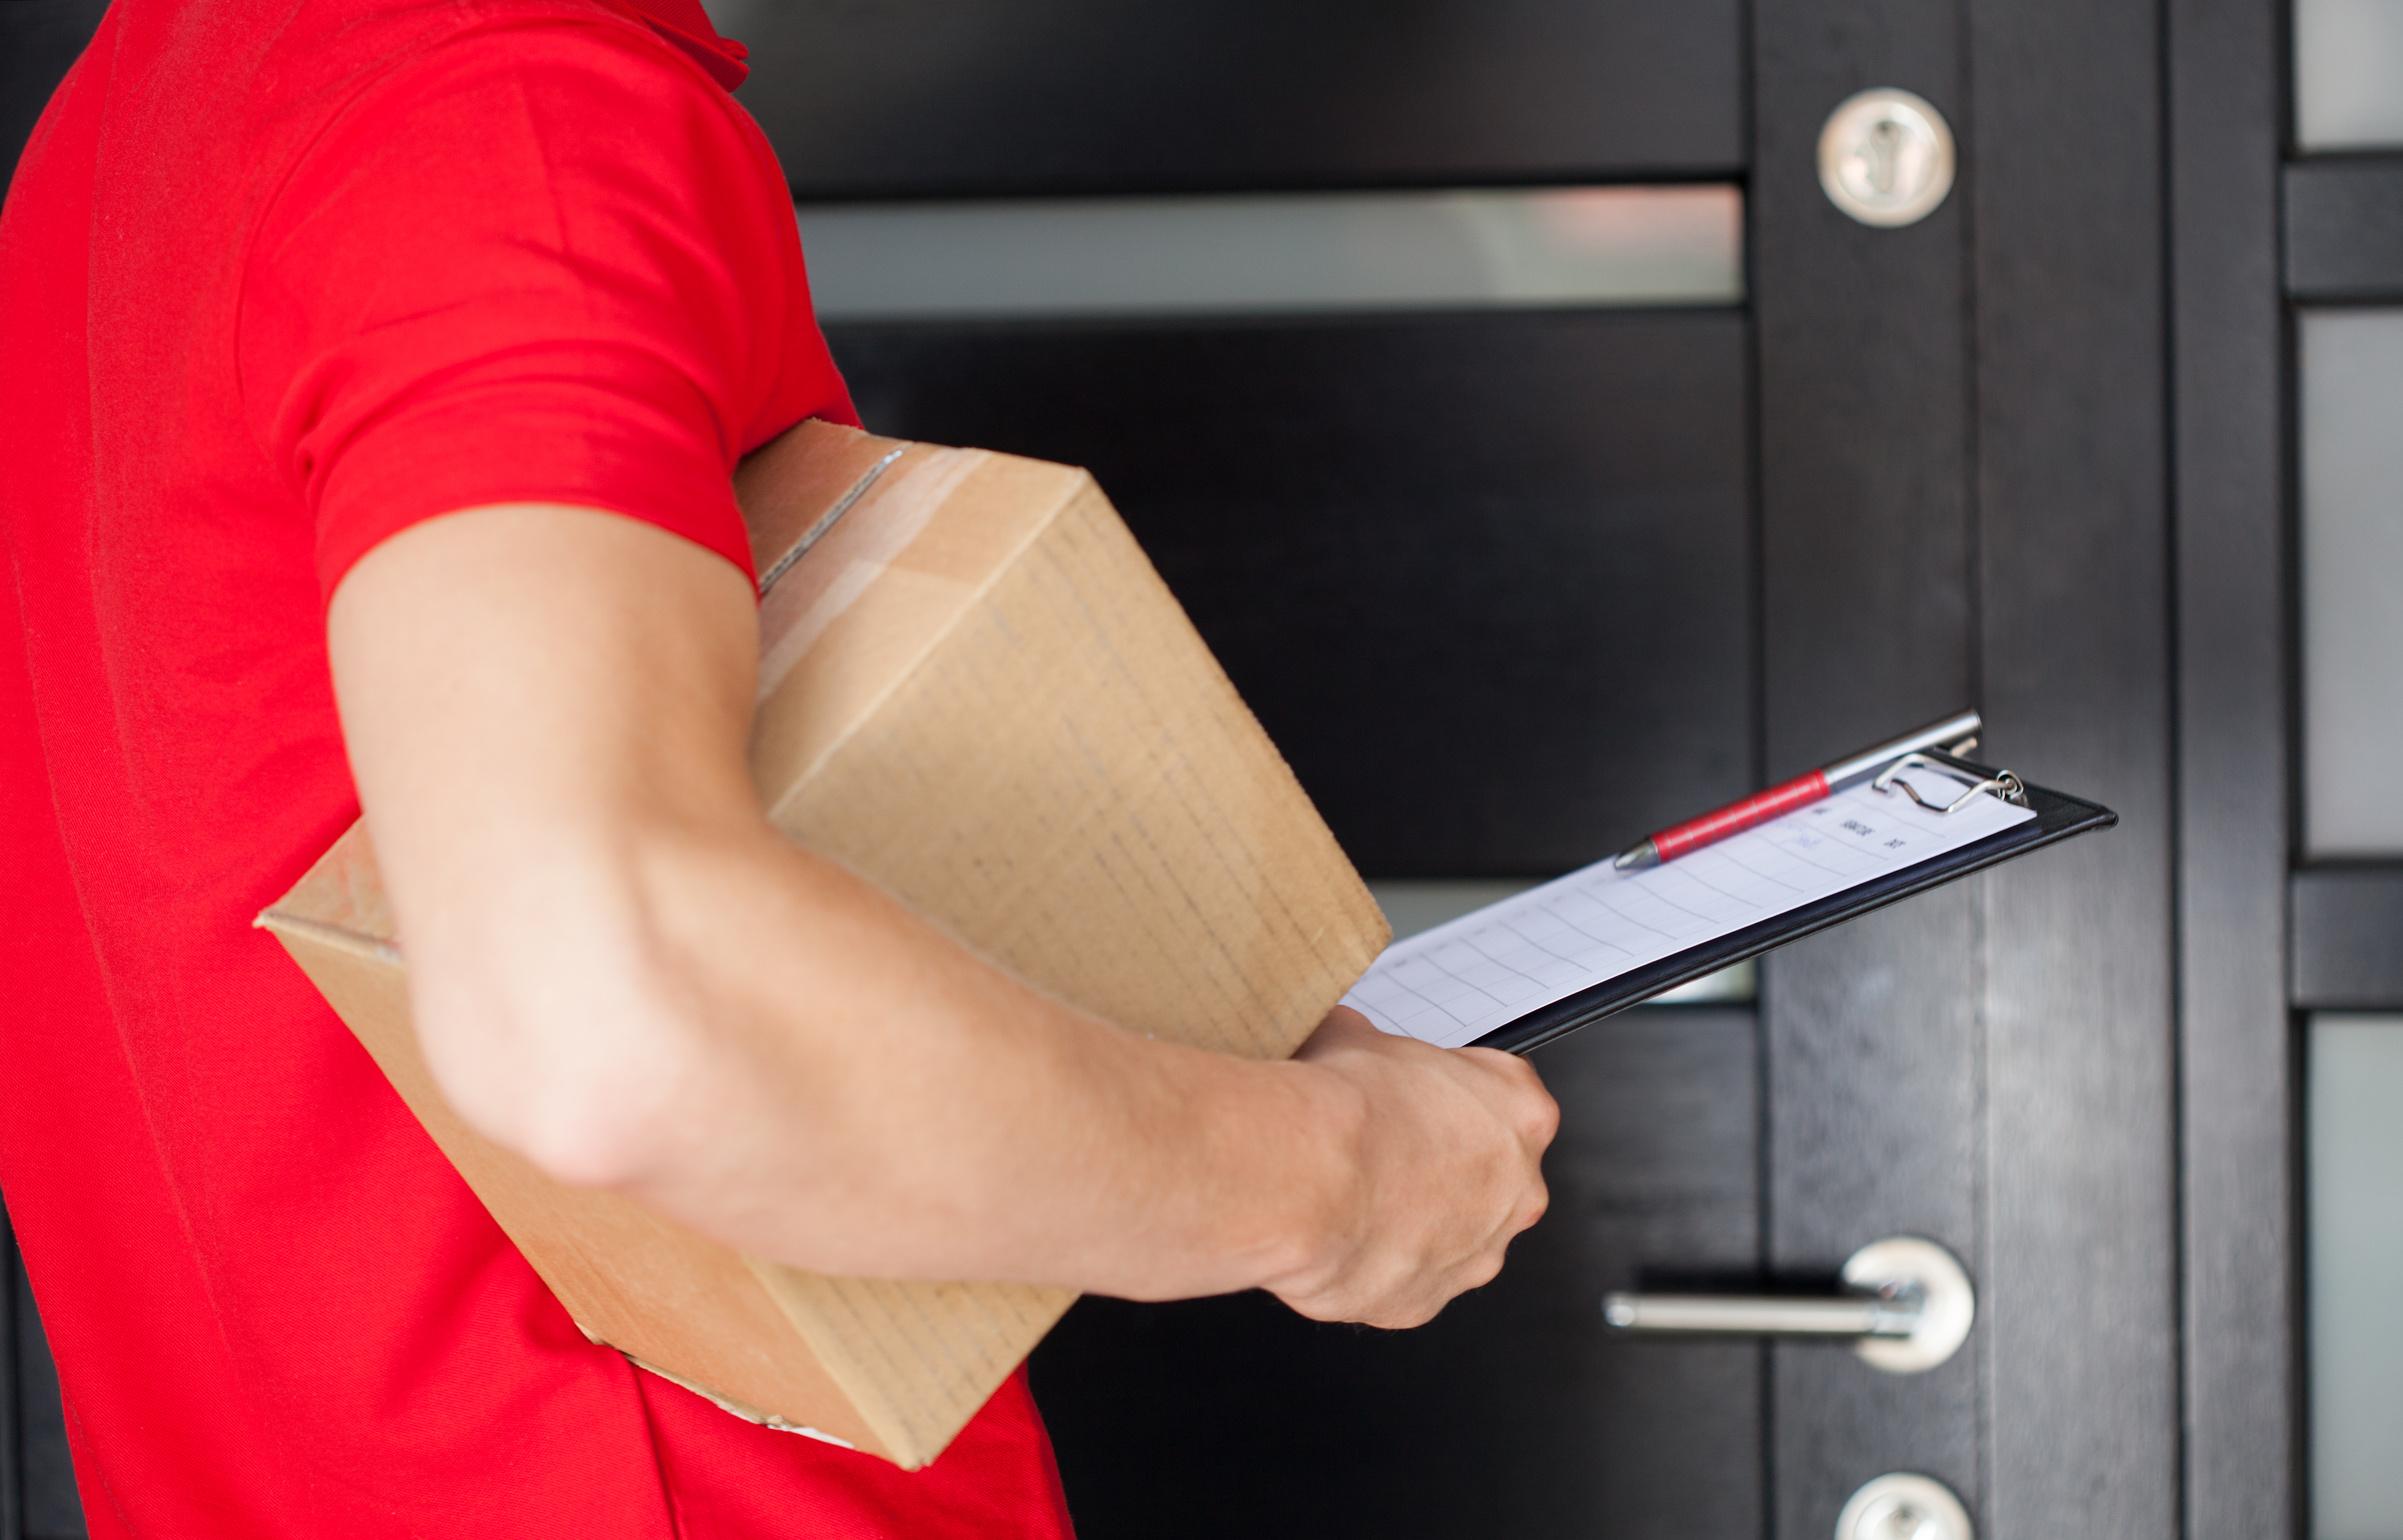 Lieferung, Paket